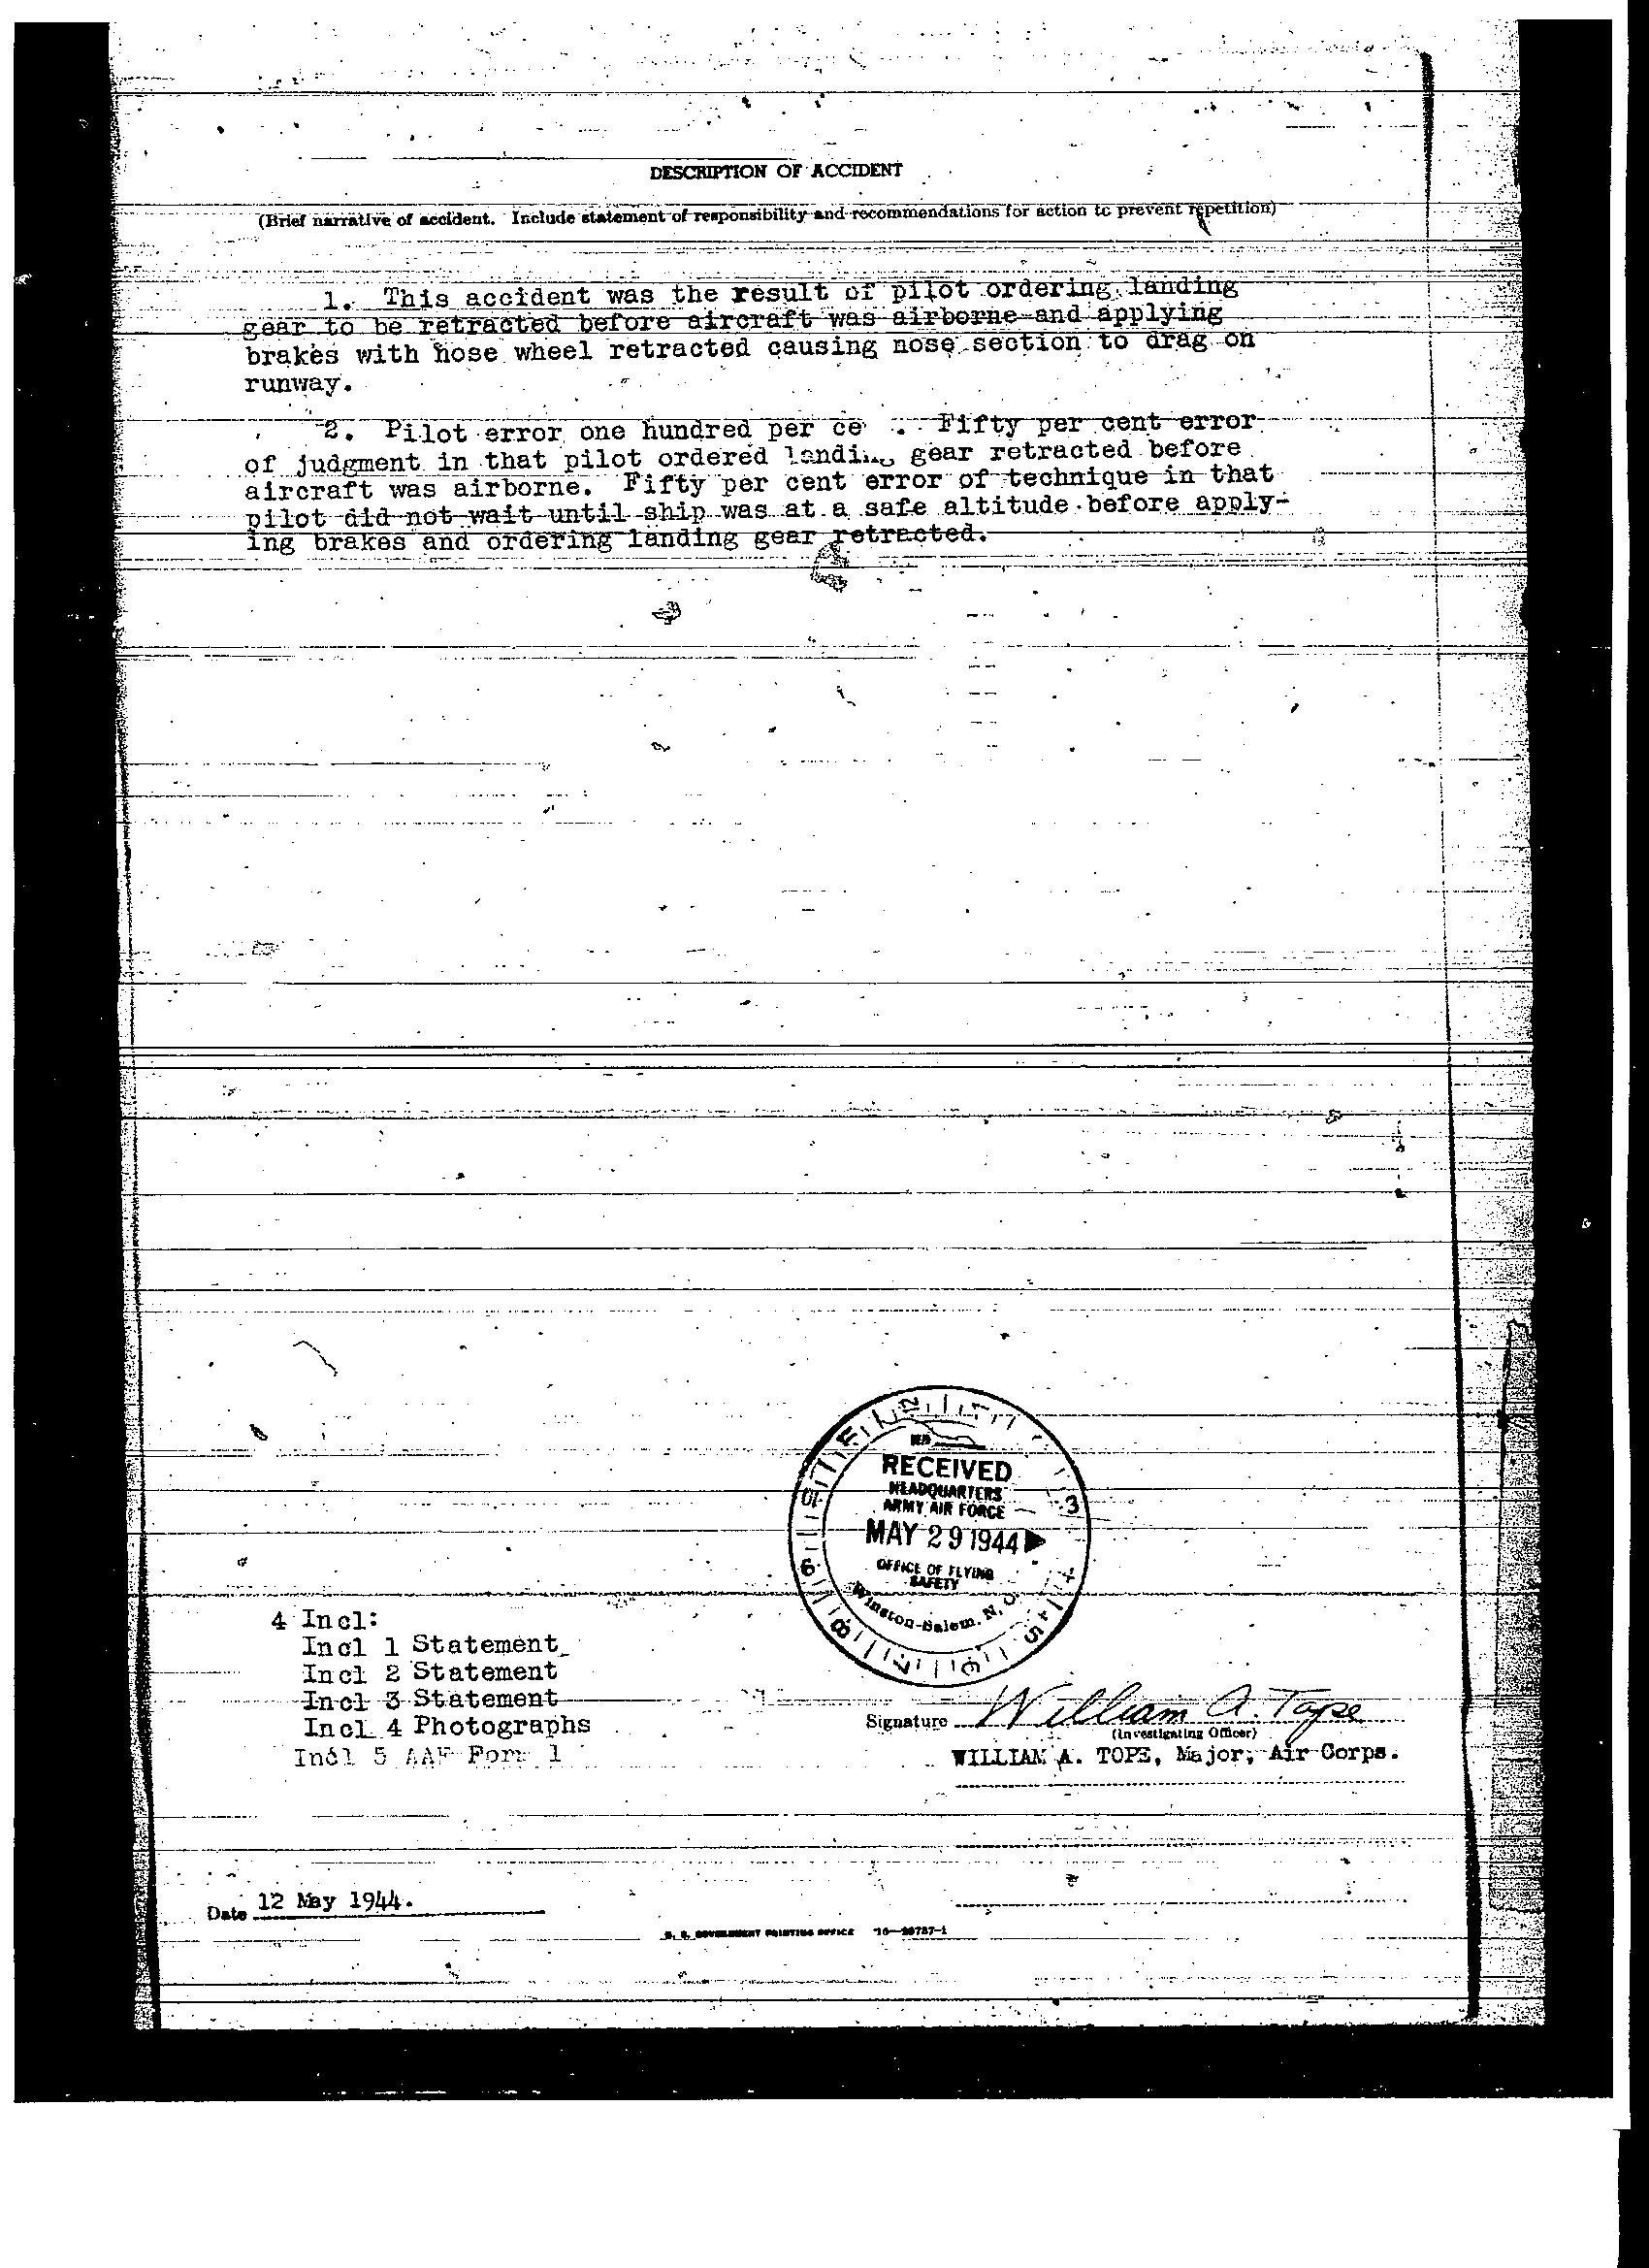 A.F. No. 41-29309-2